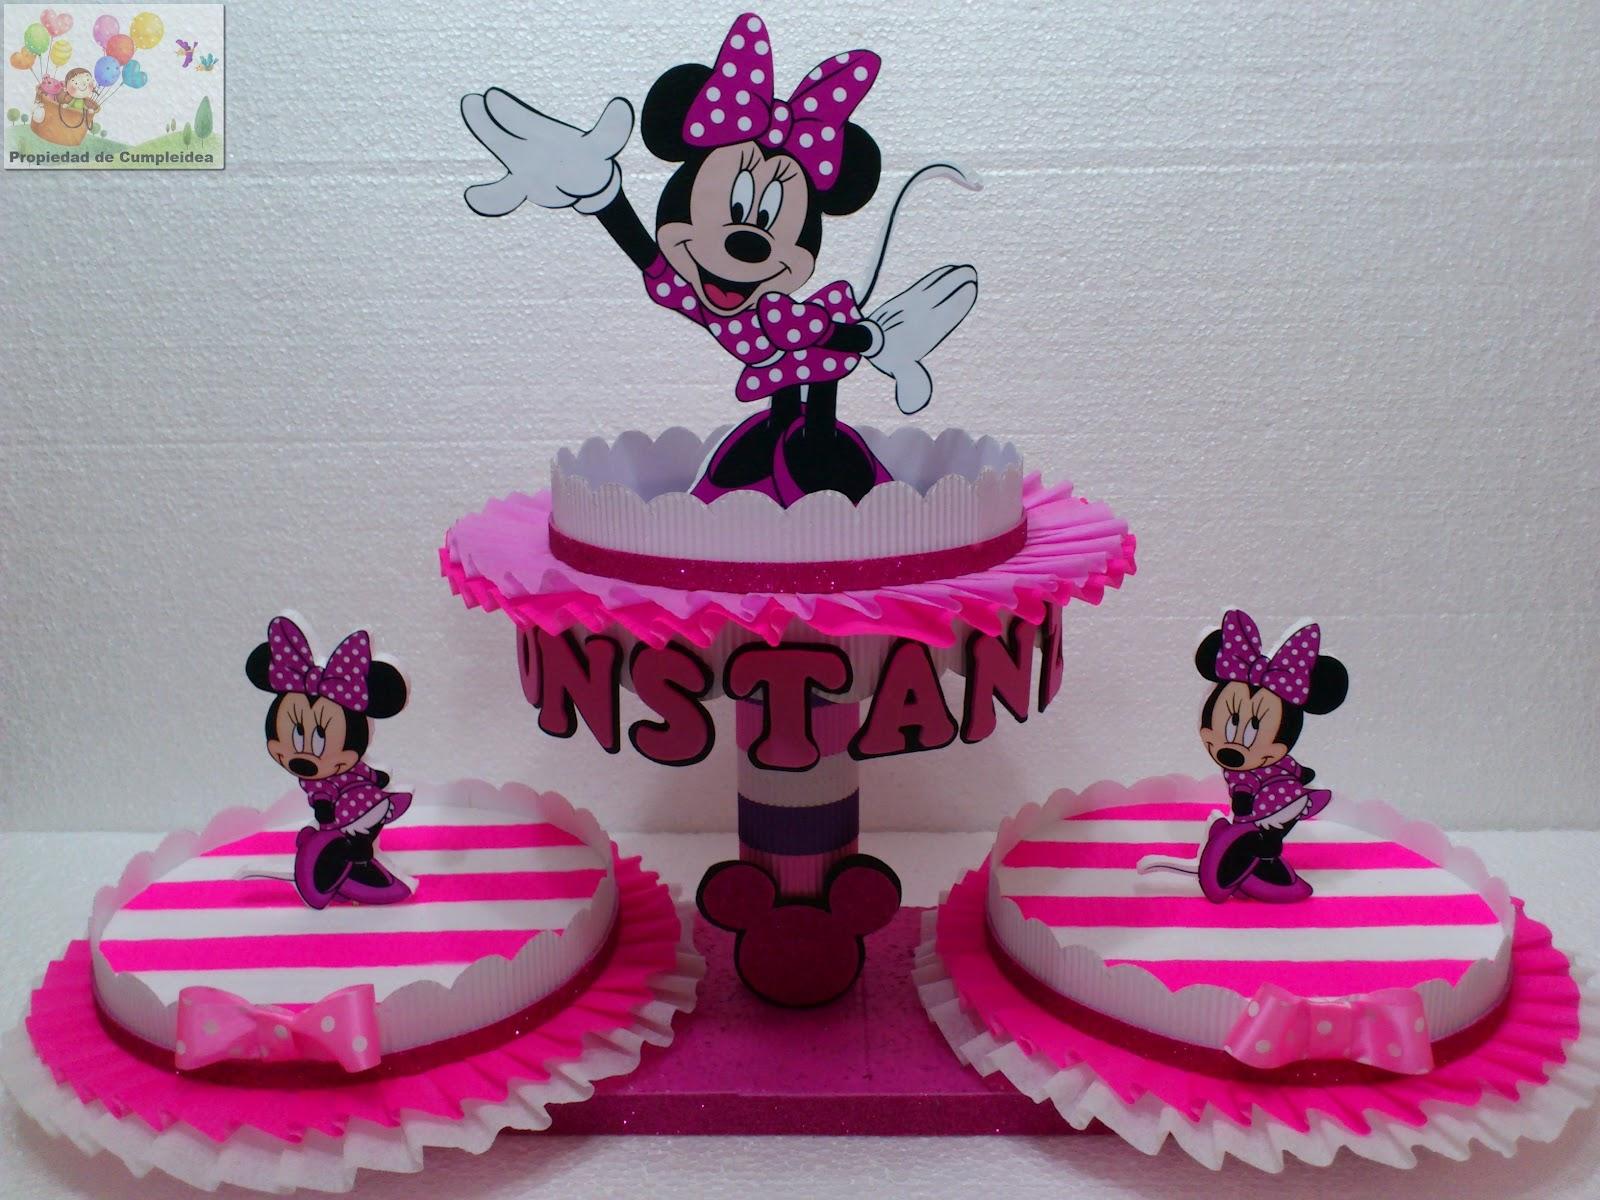 Download Dibujo De Cabeza De Minnie Mouse Ro